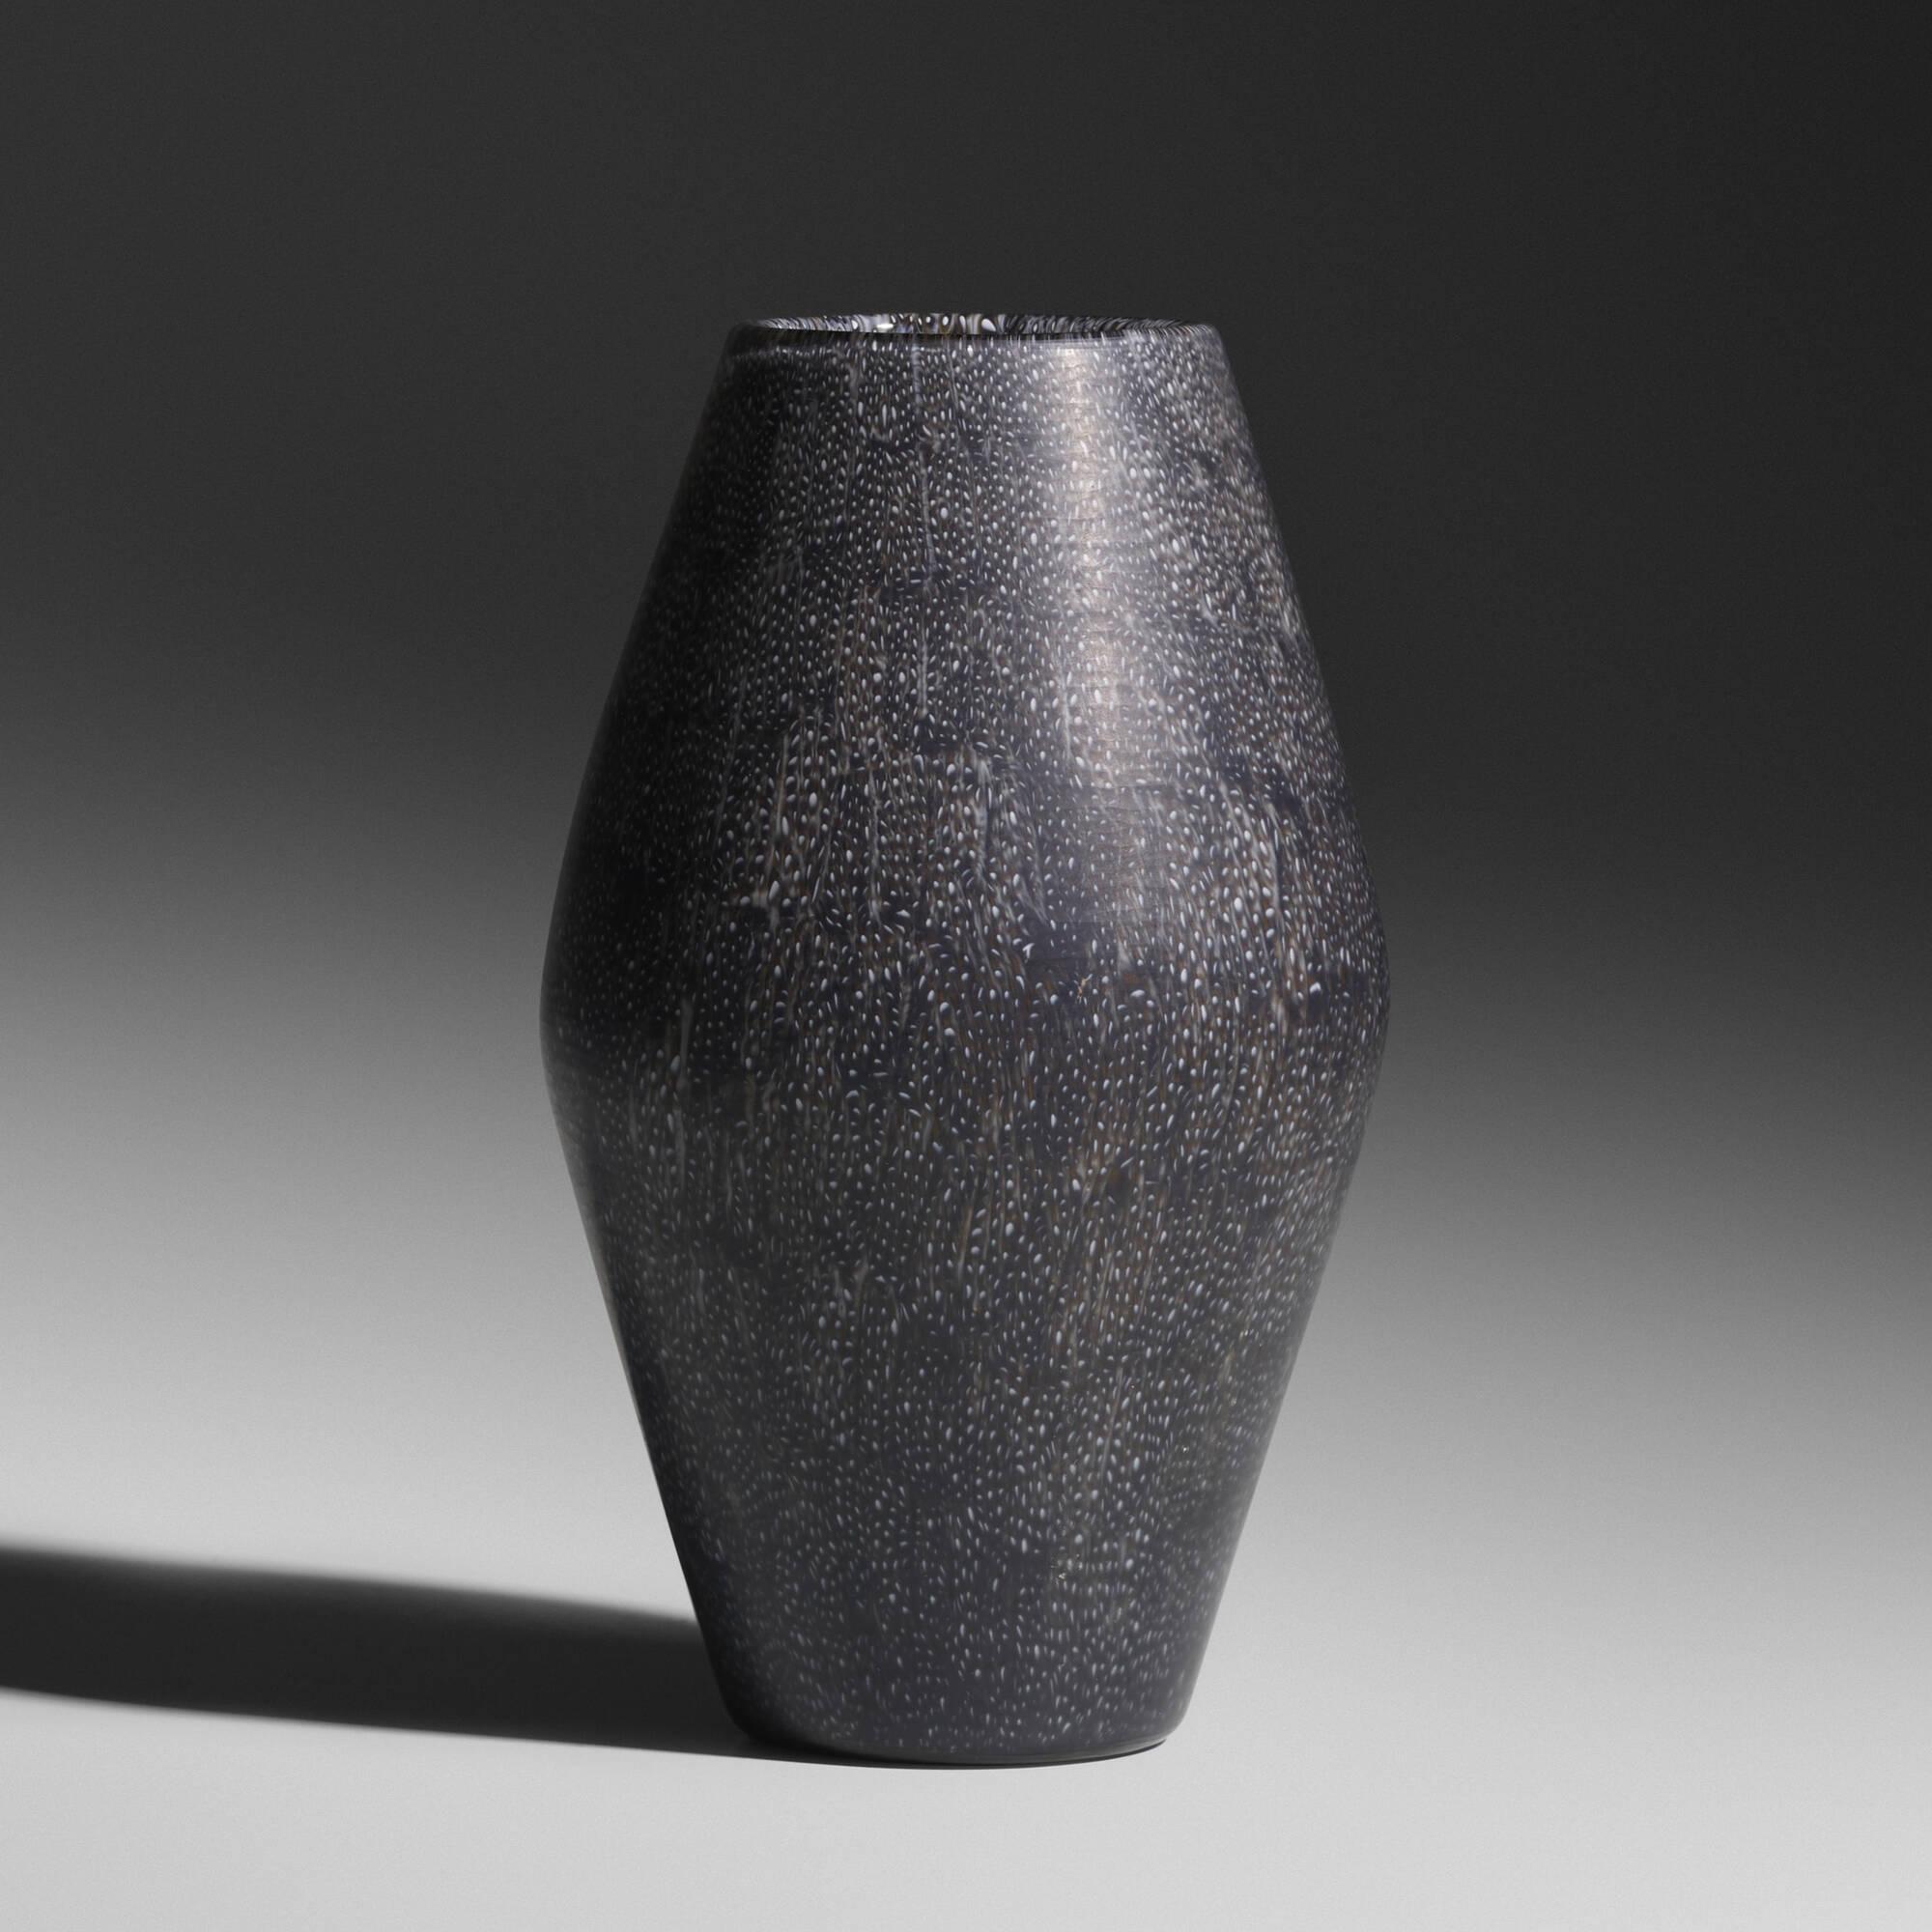 152: Paolo Venini / a Murrine vase, model 4704 (1 of 3)